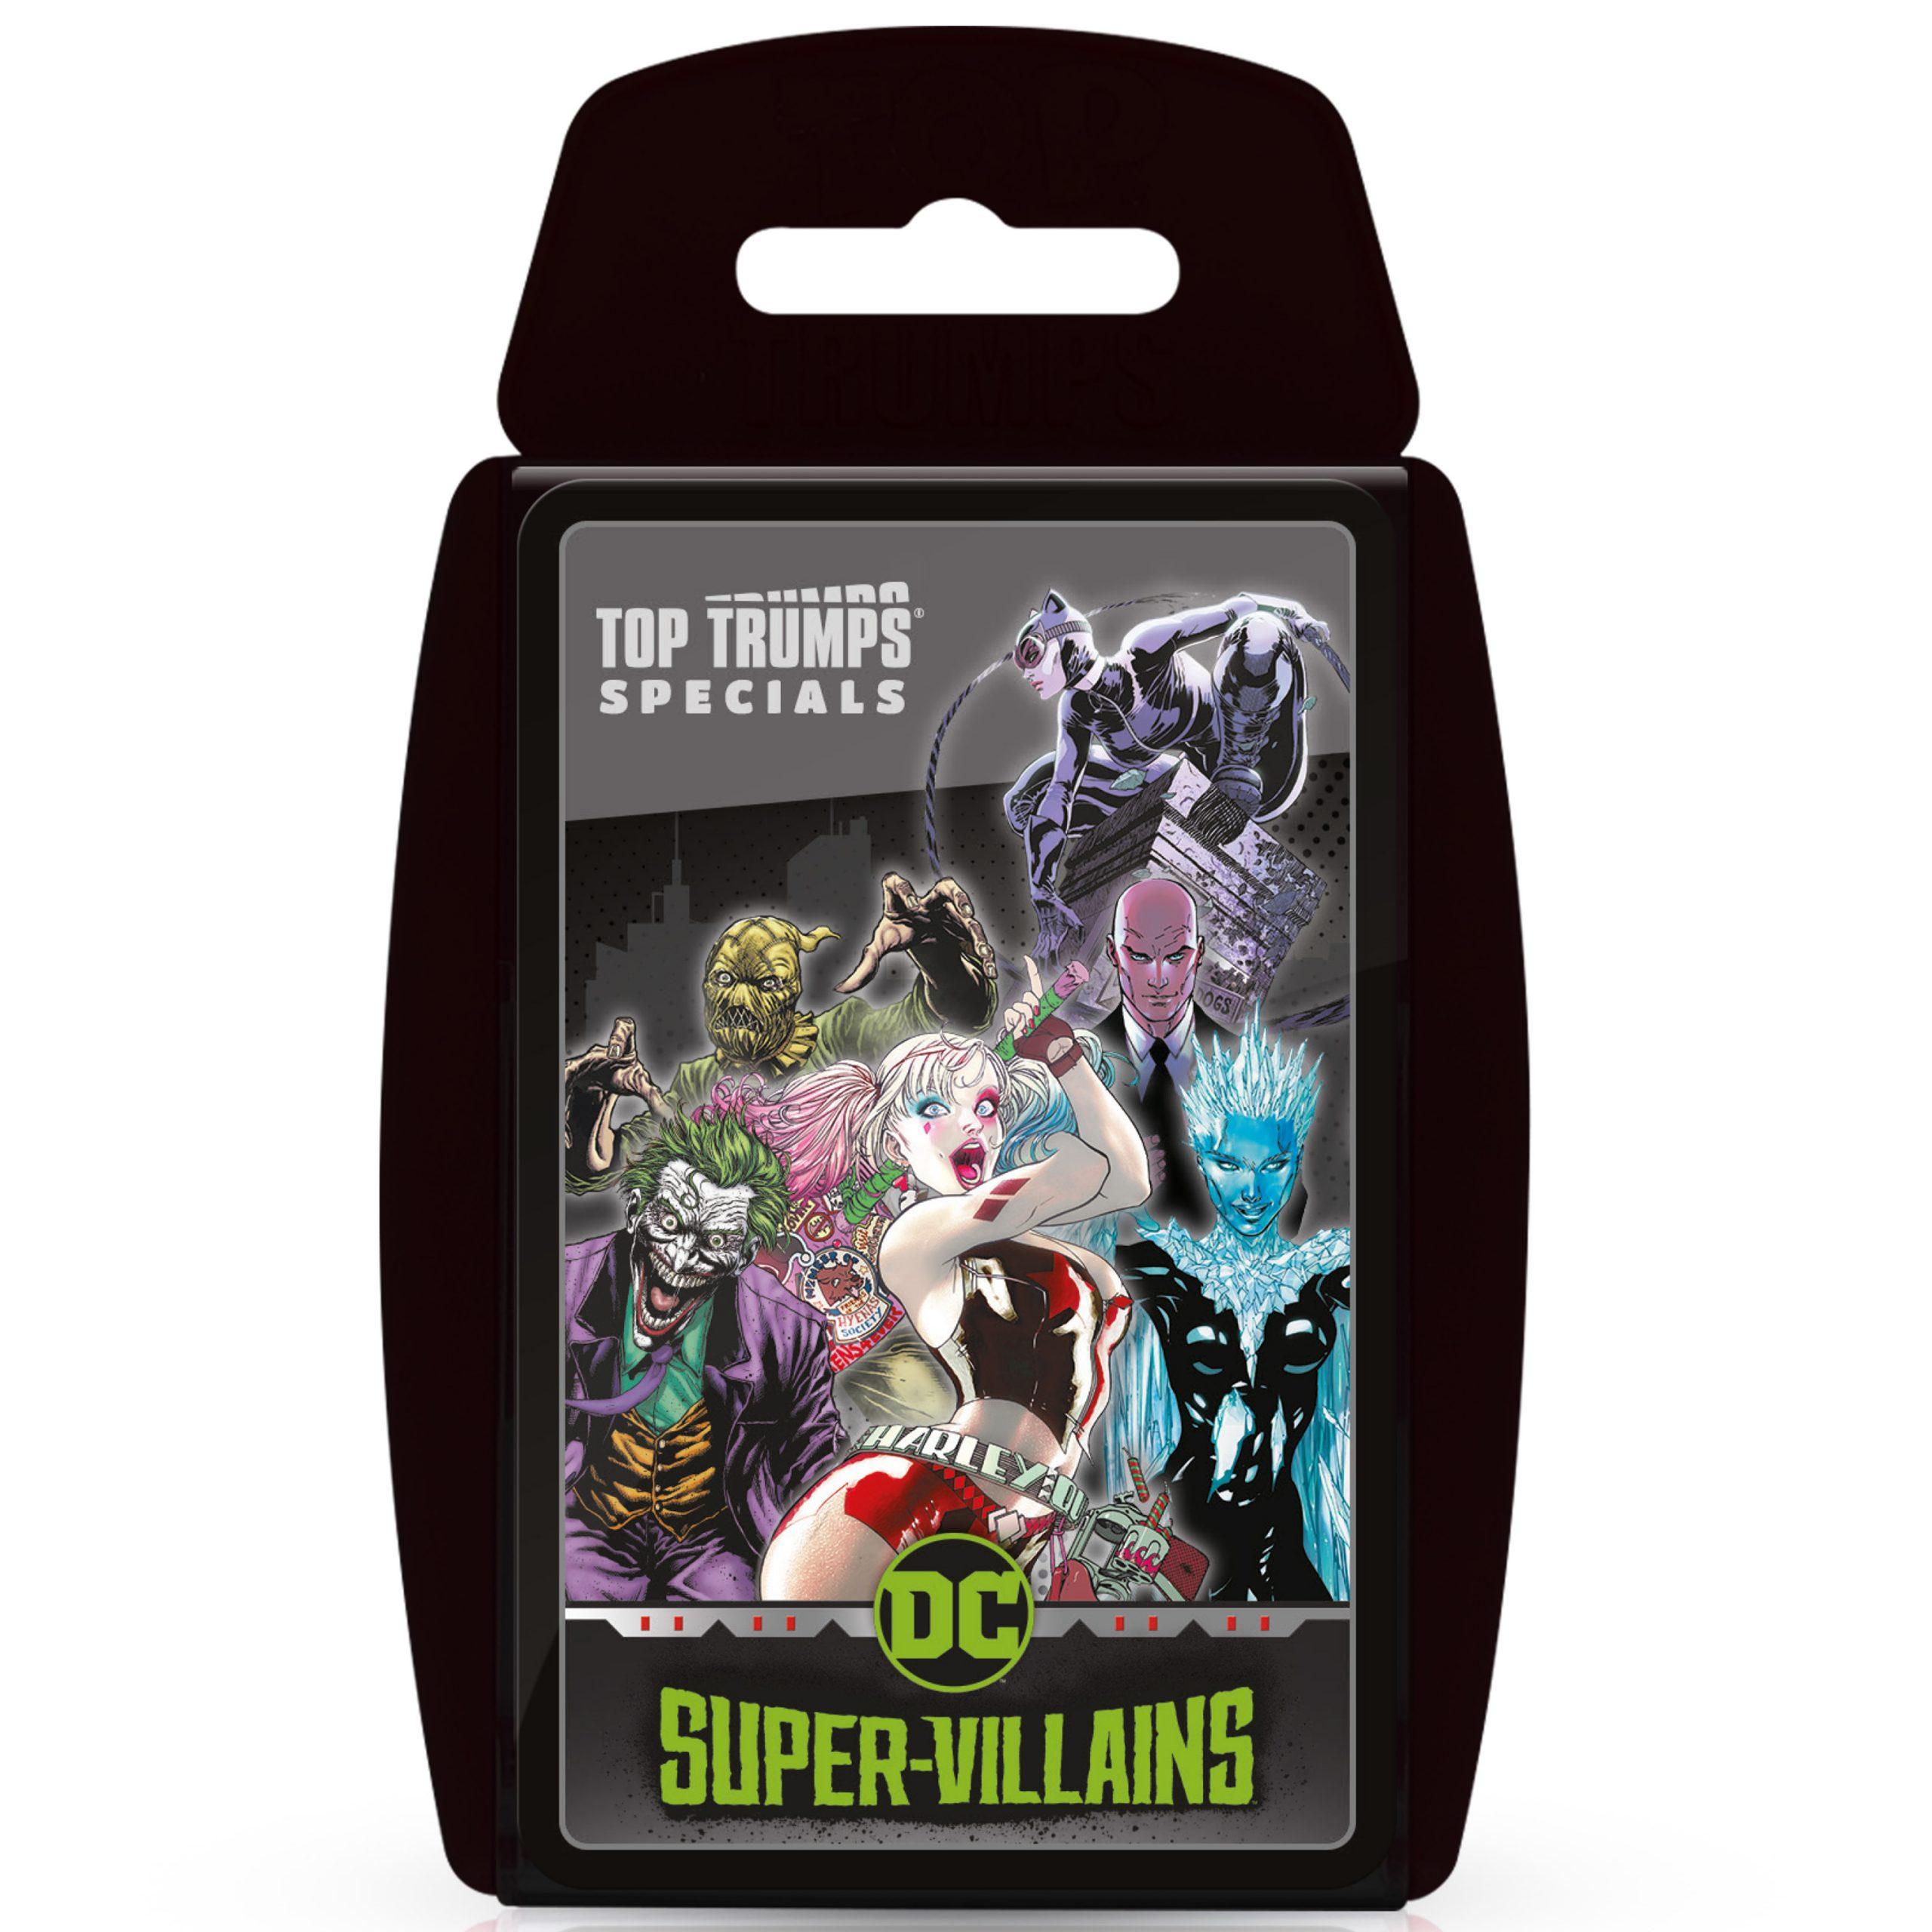 DC Super Villains Top Trumps